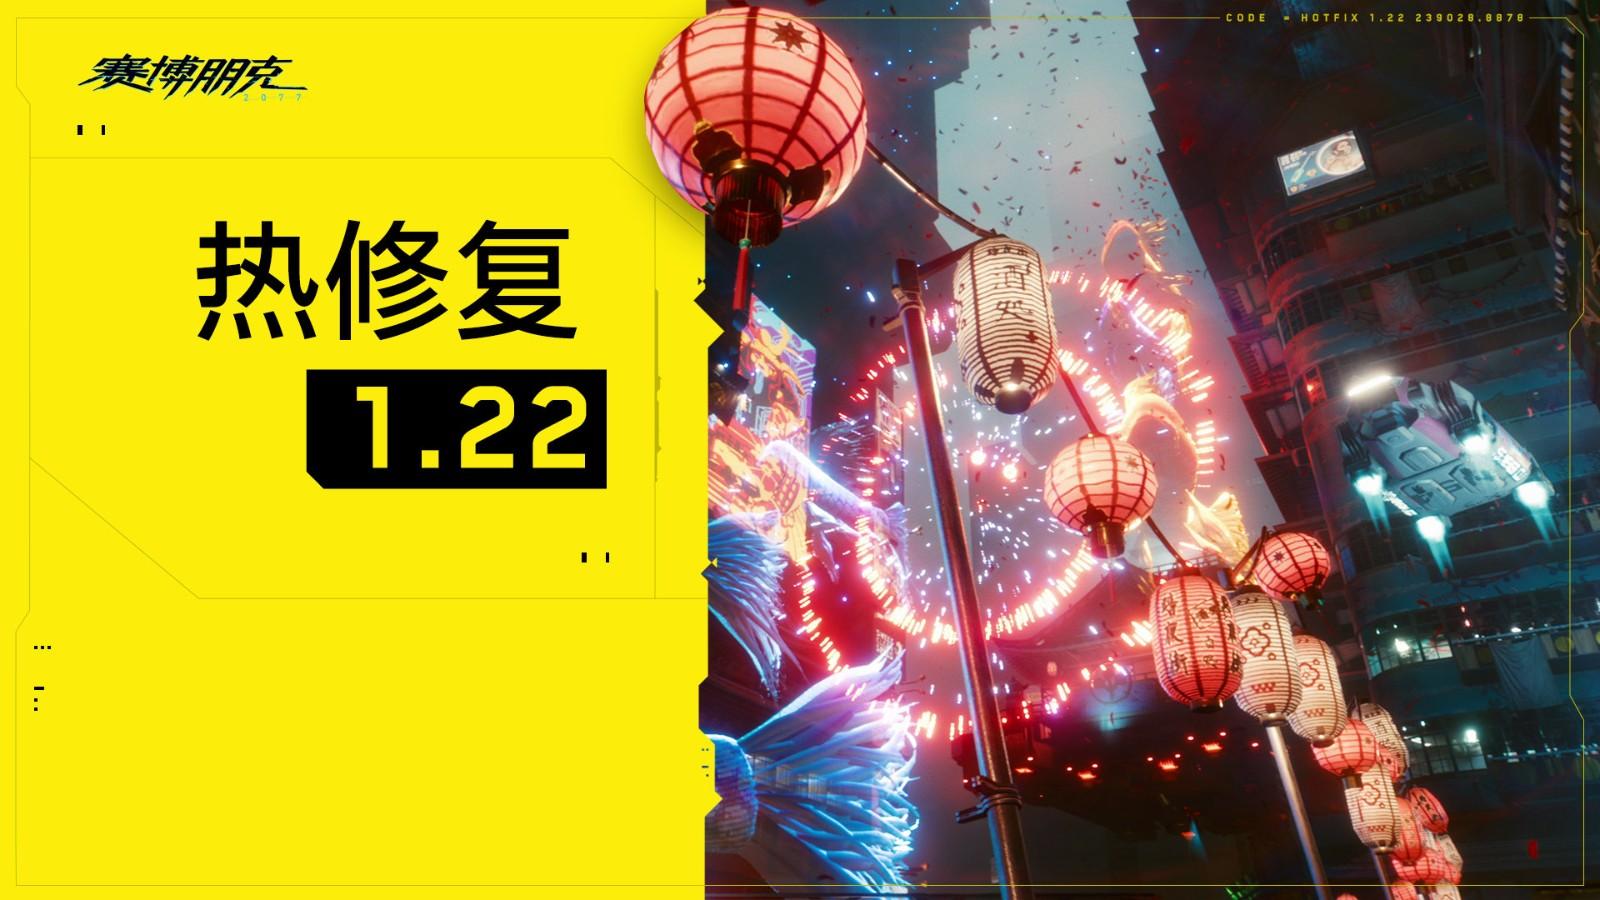 《赛博朋克2077》1.22更新上线 改善性能和稳定性